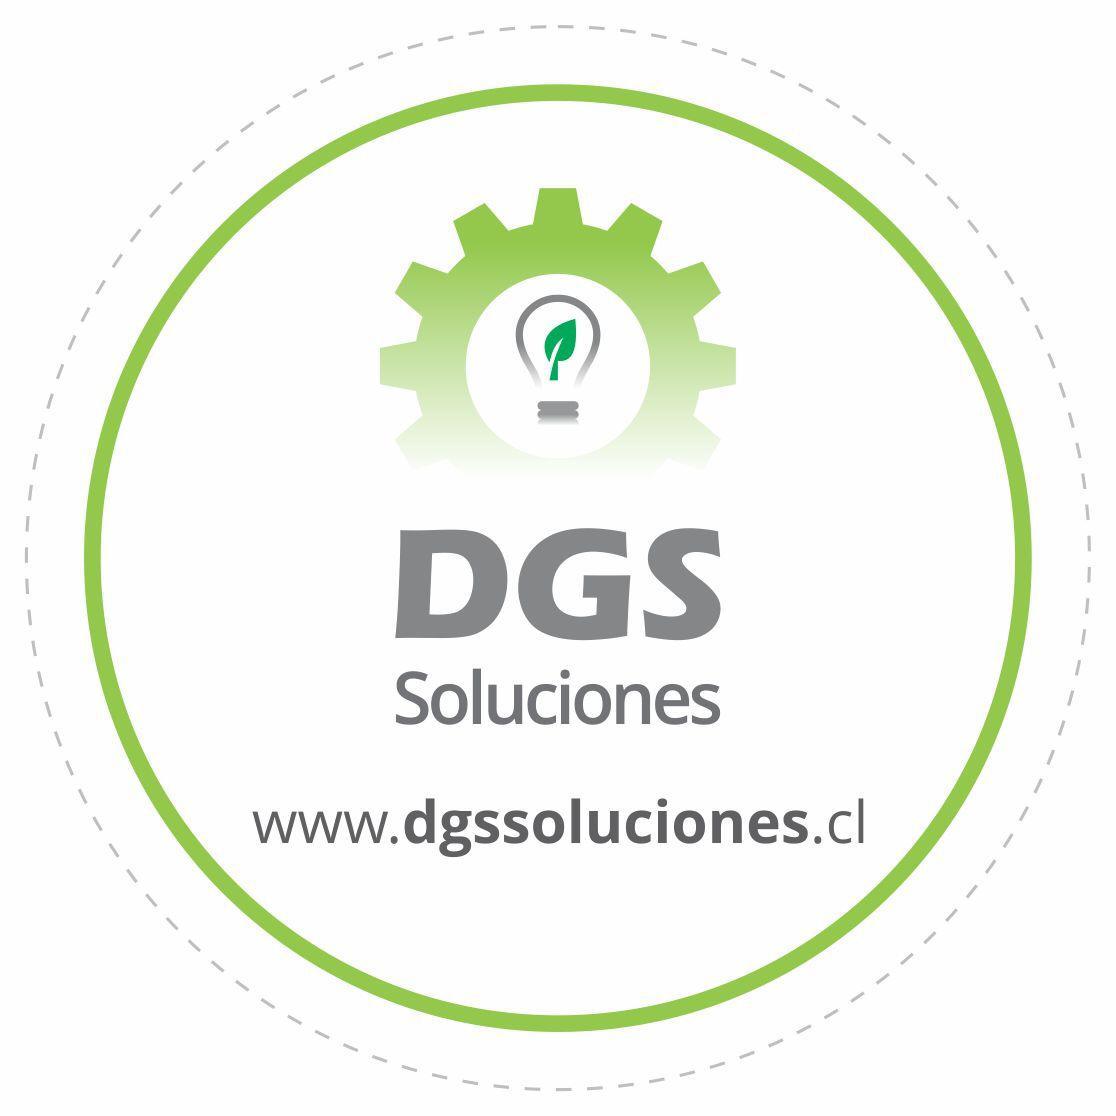 DGS Soluciones